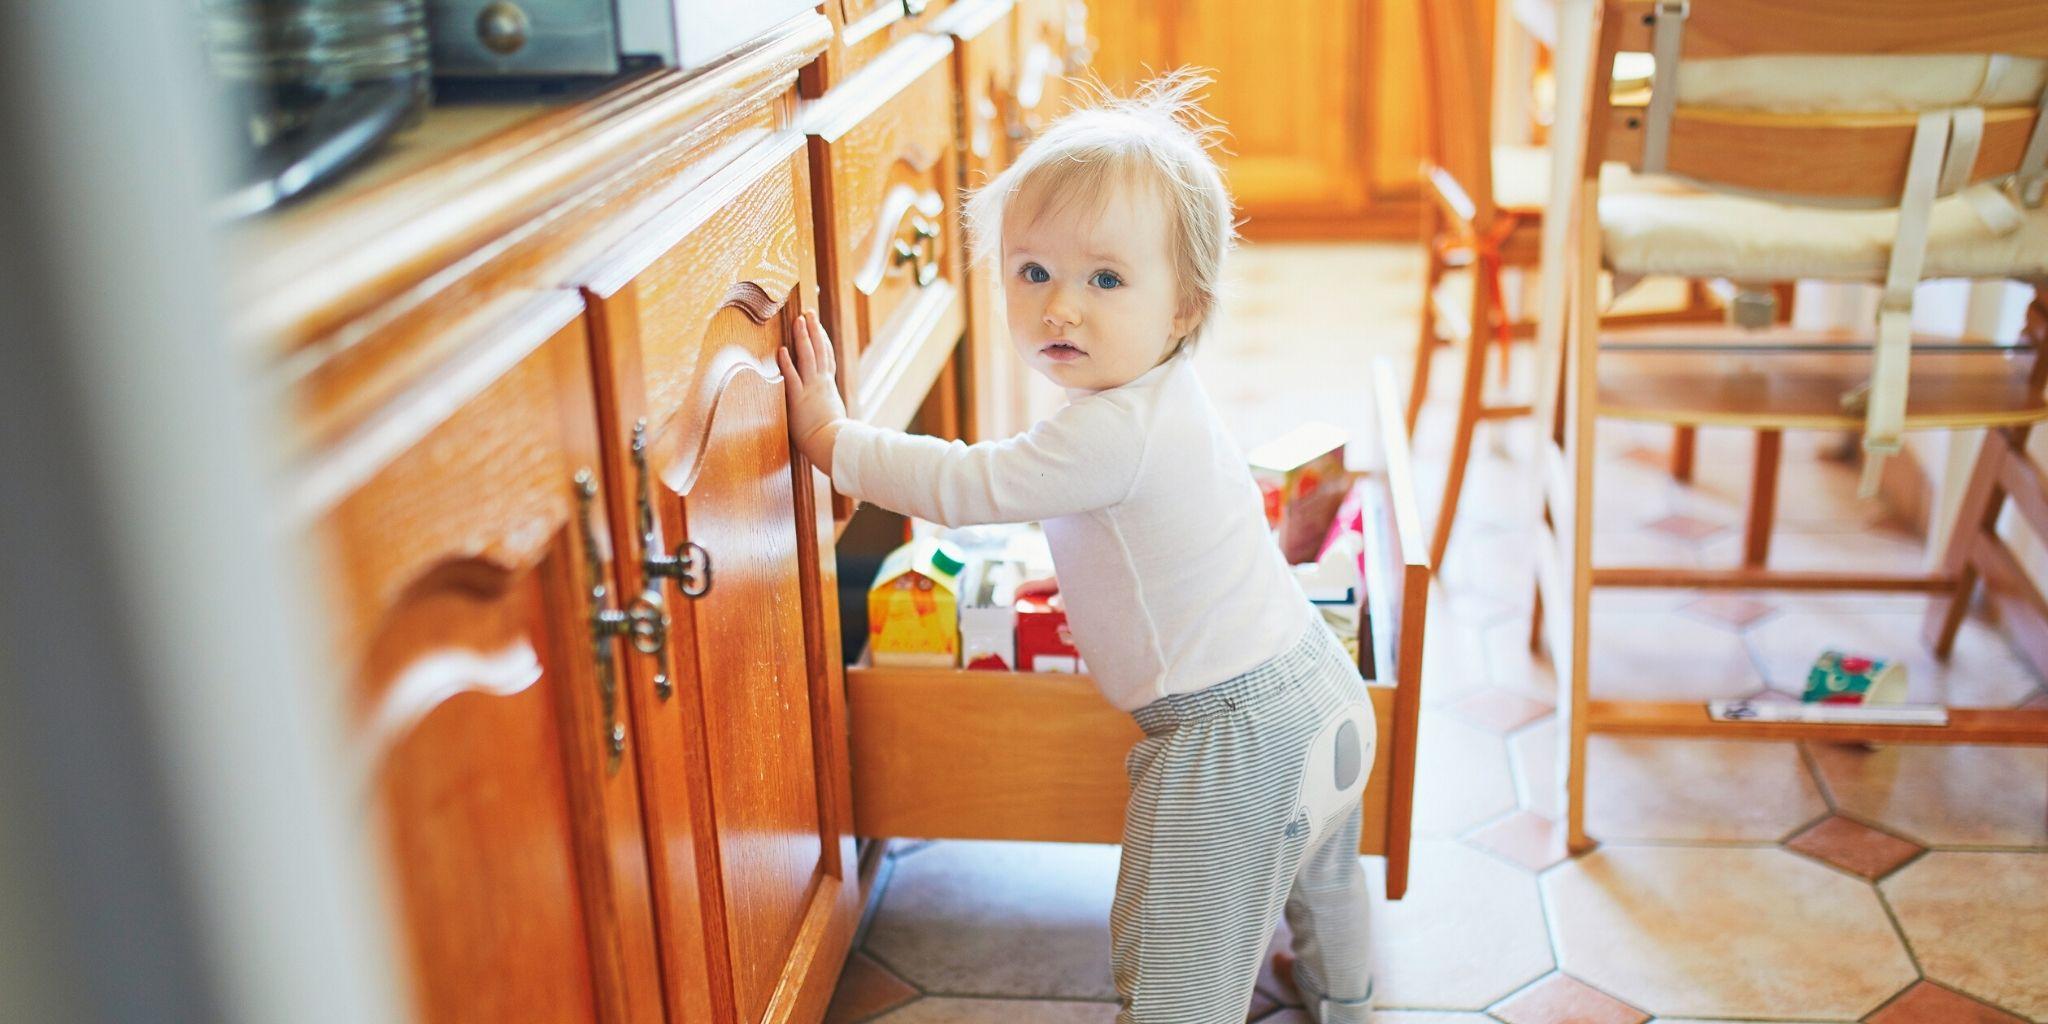 Kontrola bezpečného domu: Jak zajistit, aby vaše dítě bylo v bezpečí